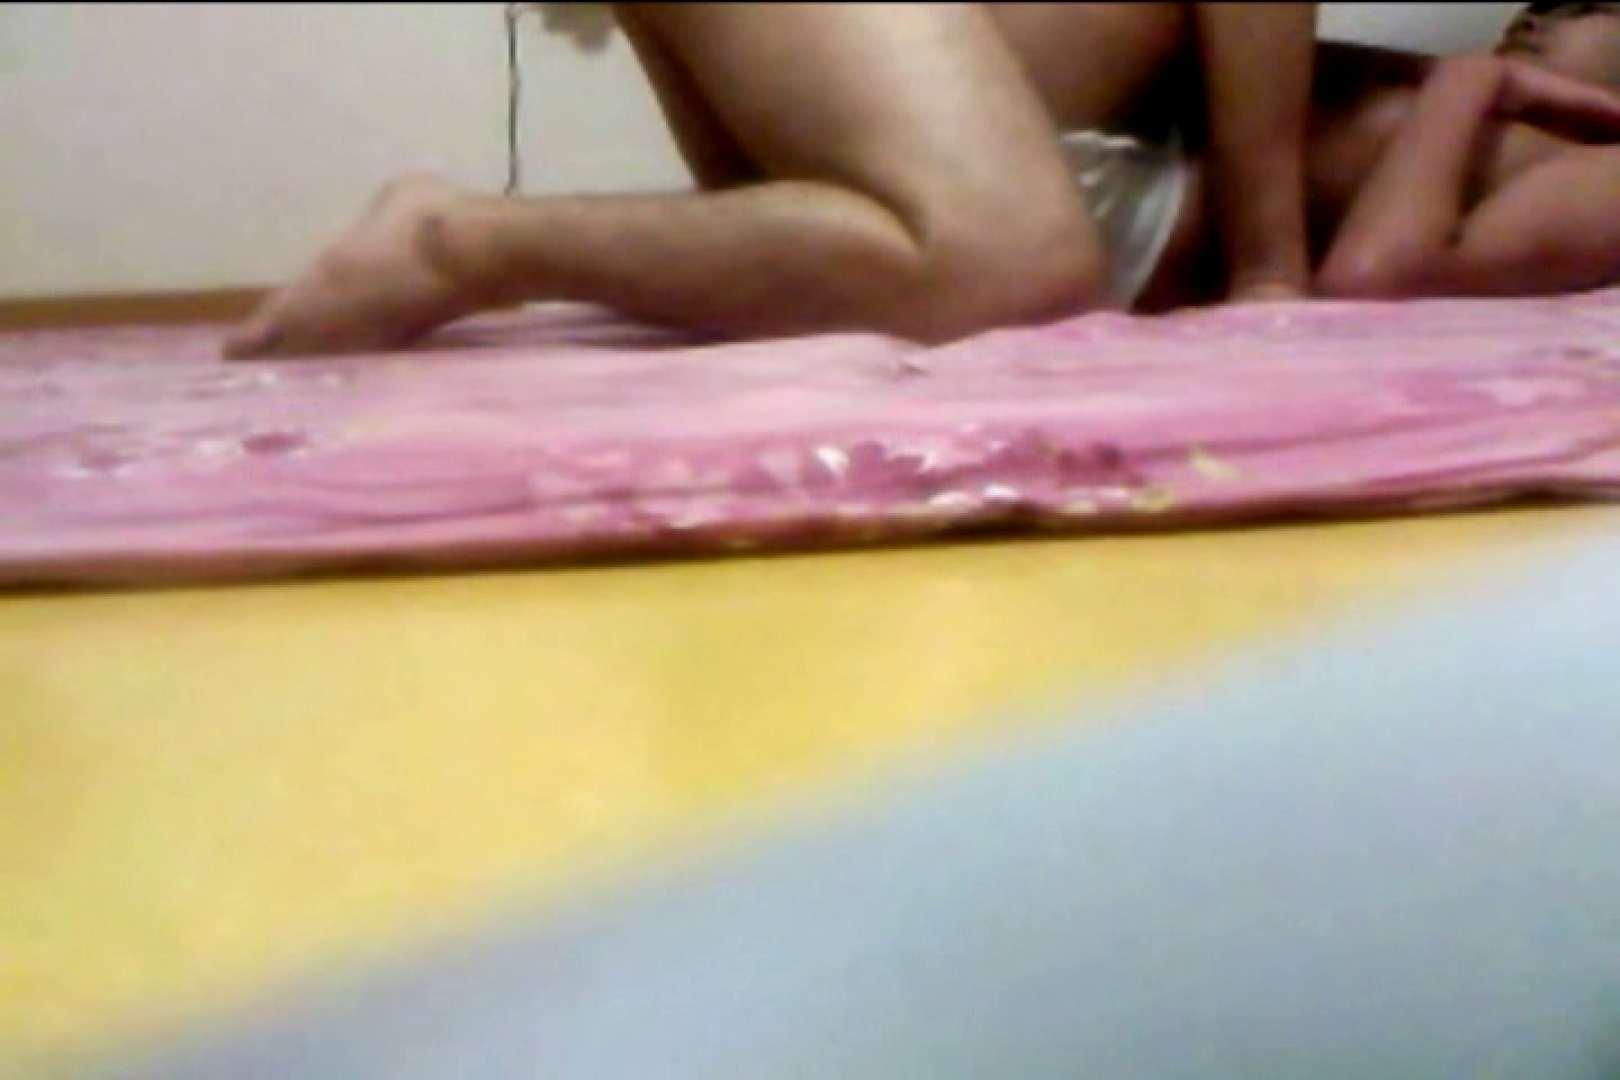 コリアン素人流出シリーズ カップルハメ撮り流出 フェラチオ娘 ワレメ無修正動画無料 98連発 19